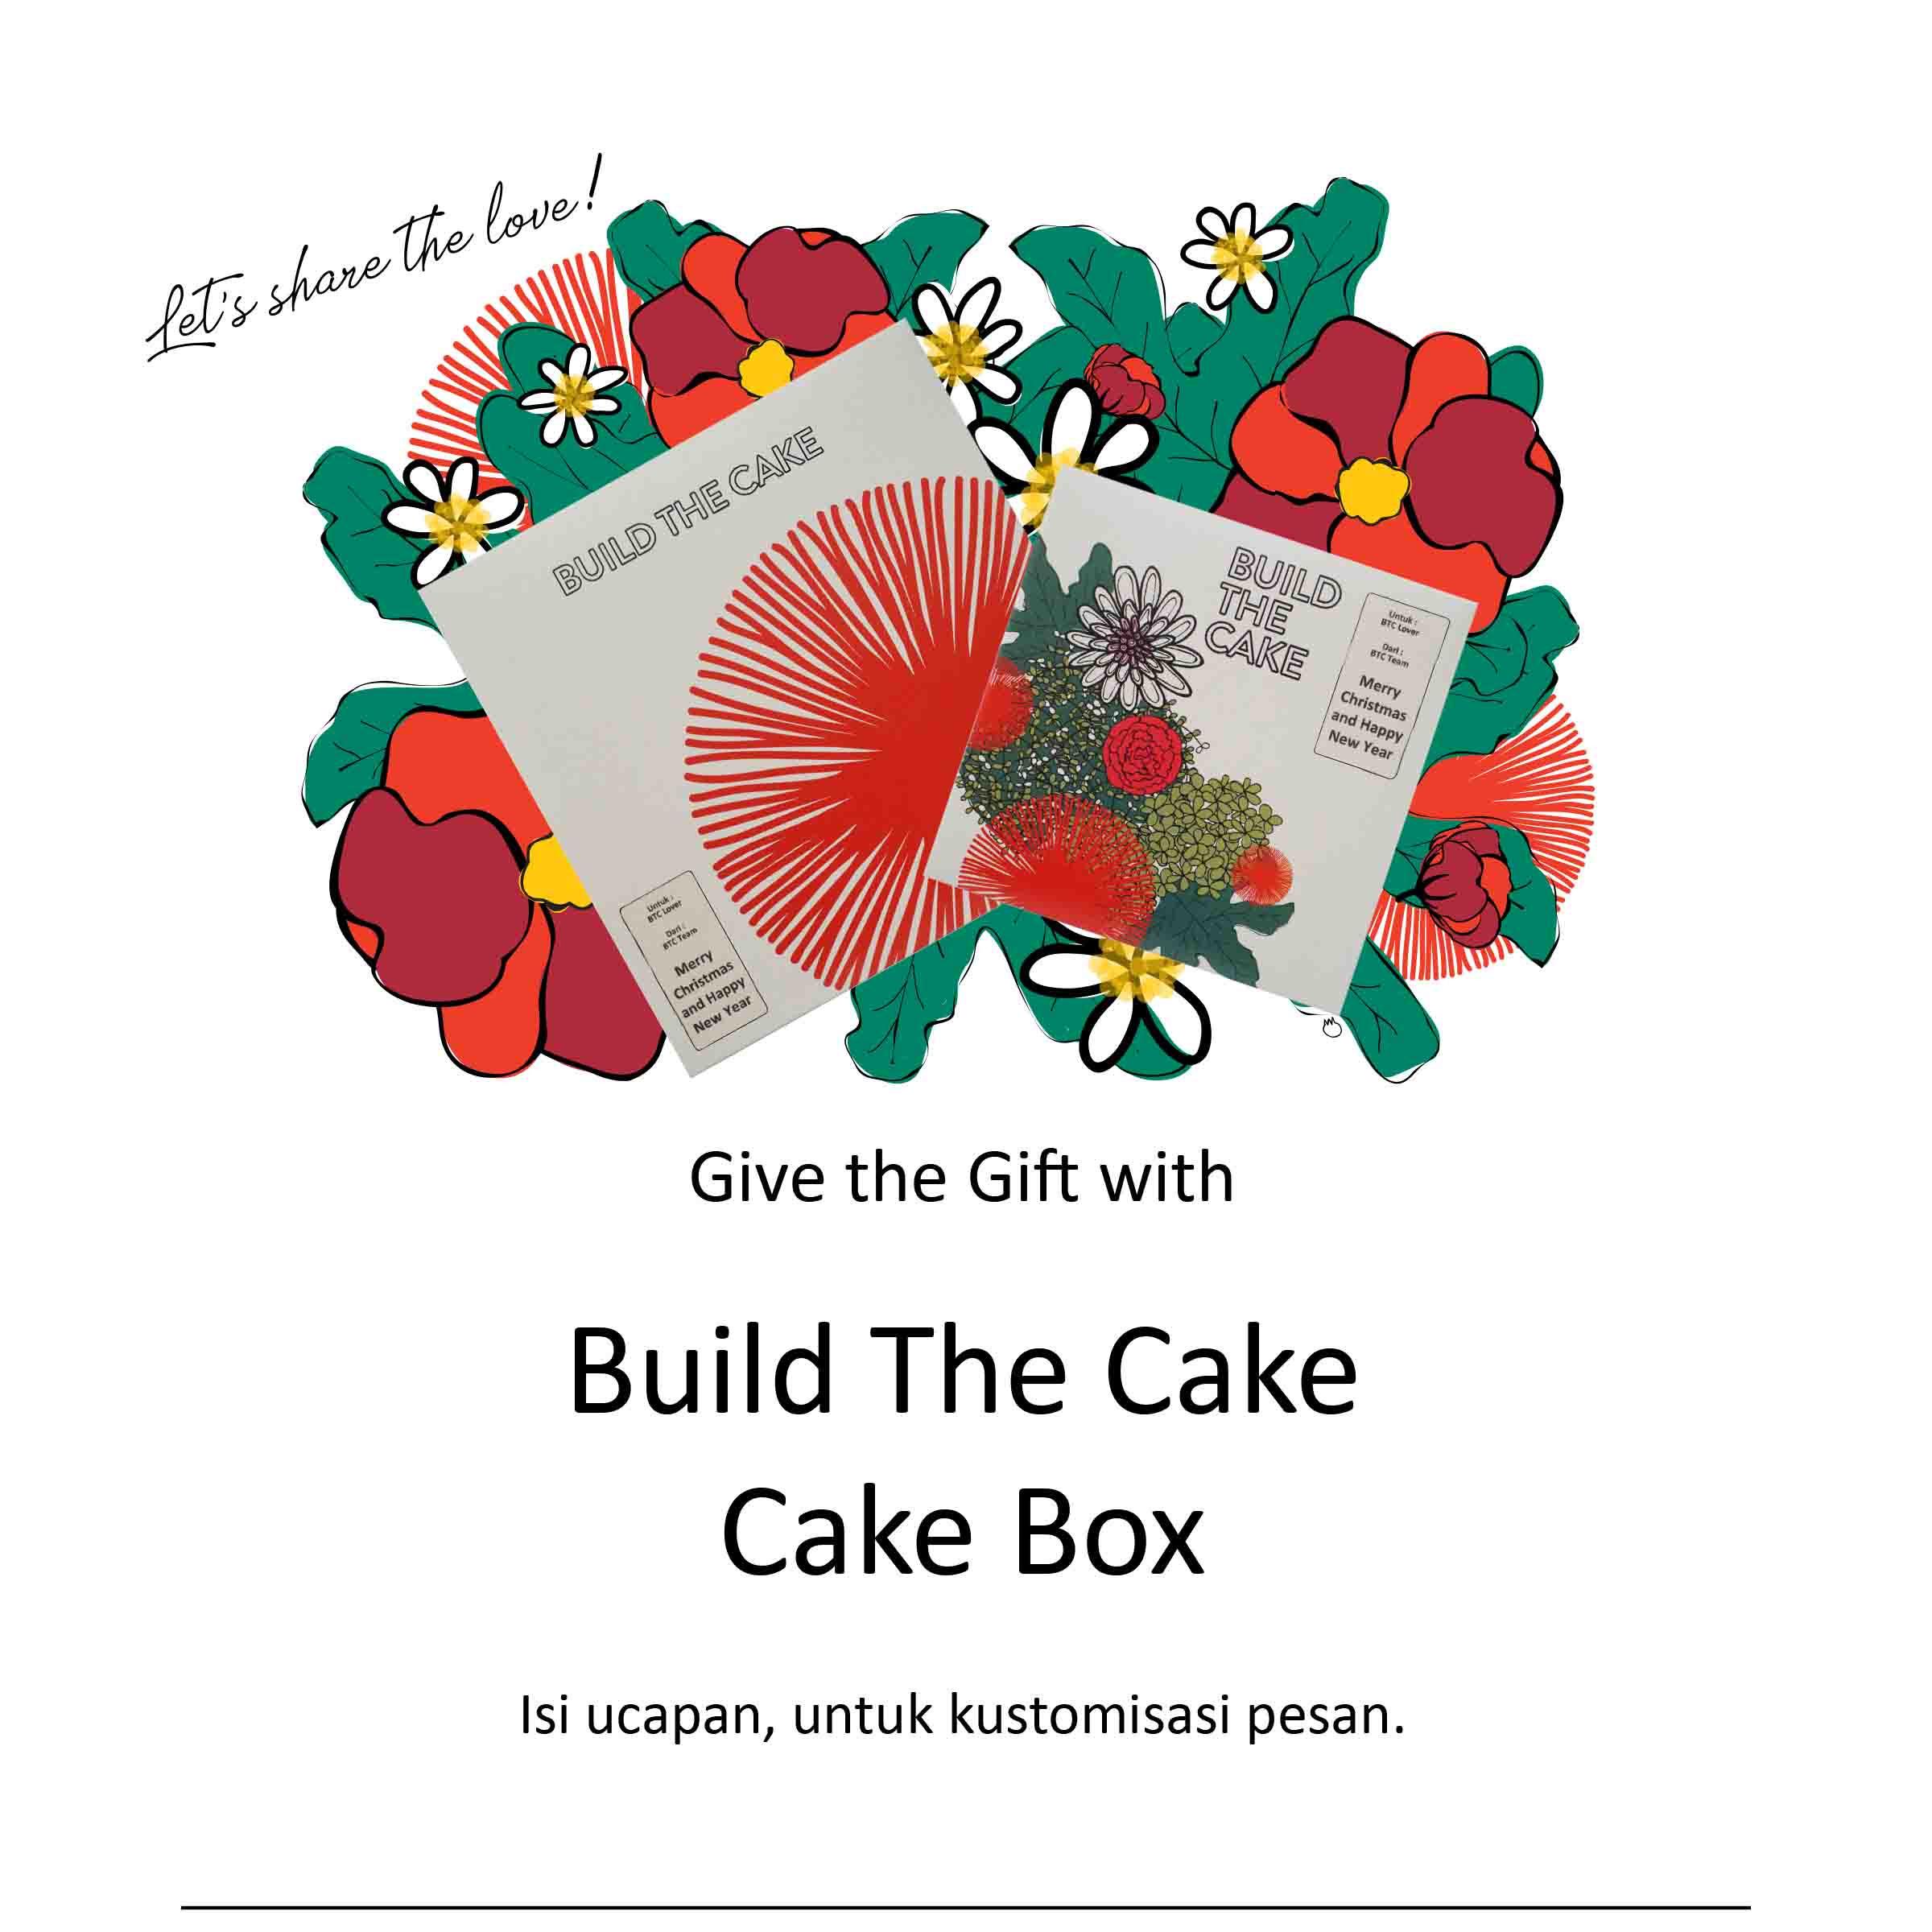 BTC Cake Box